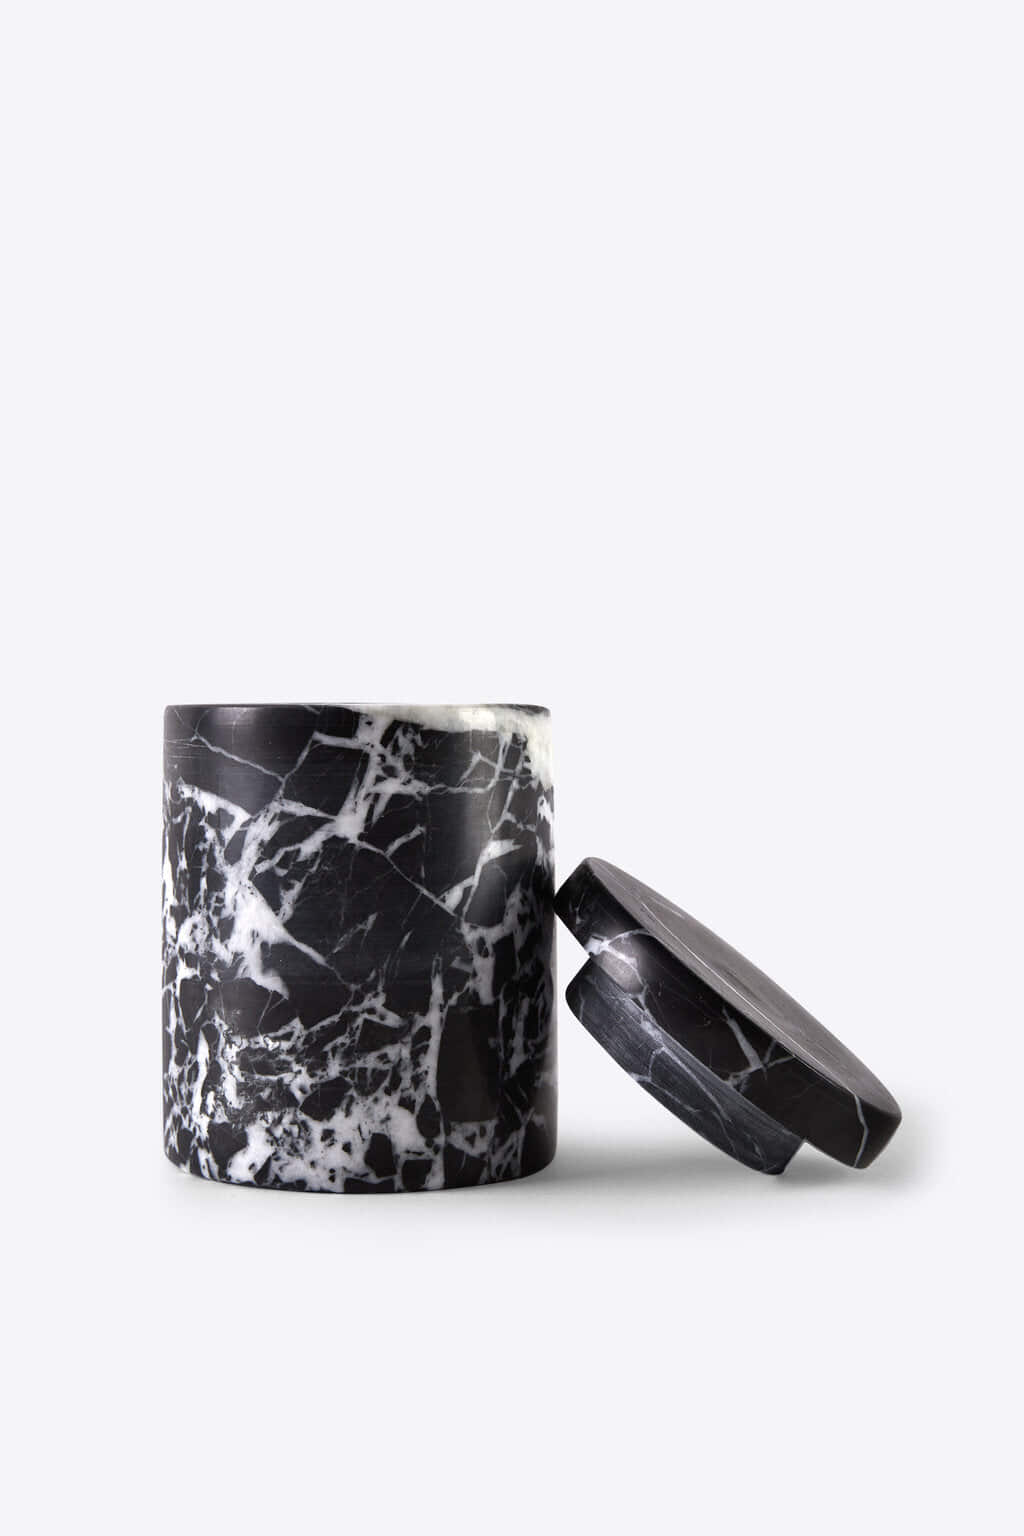 Black Marbled Canister 3127 Black 1